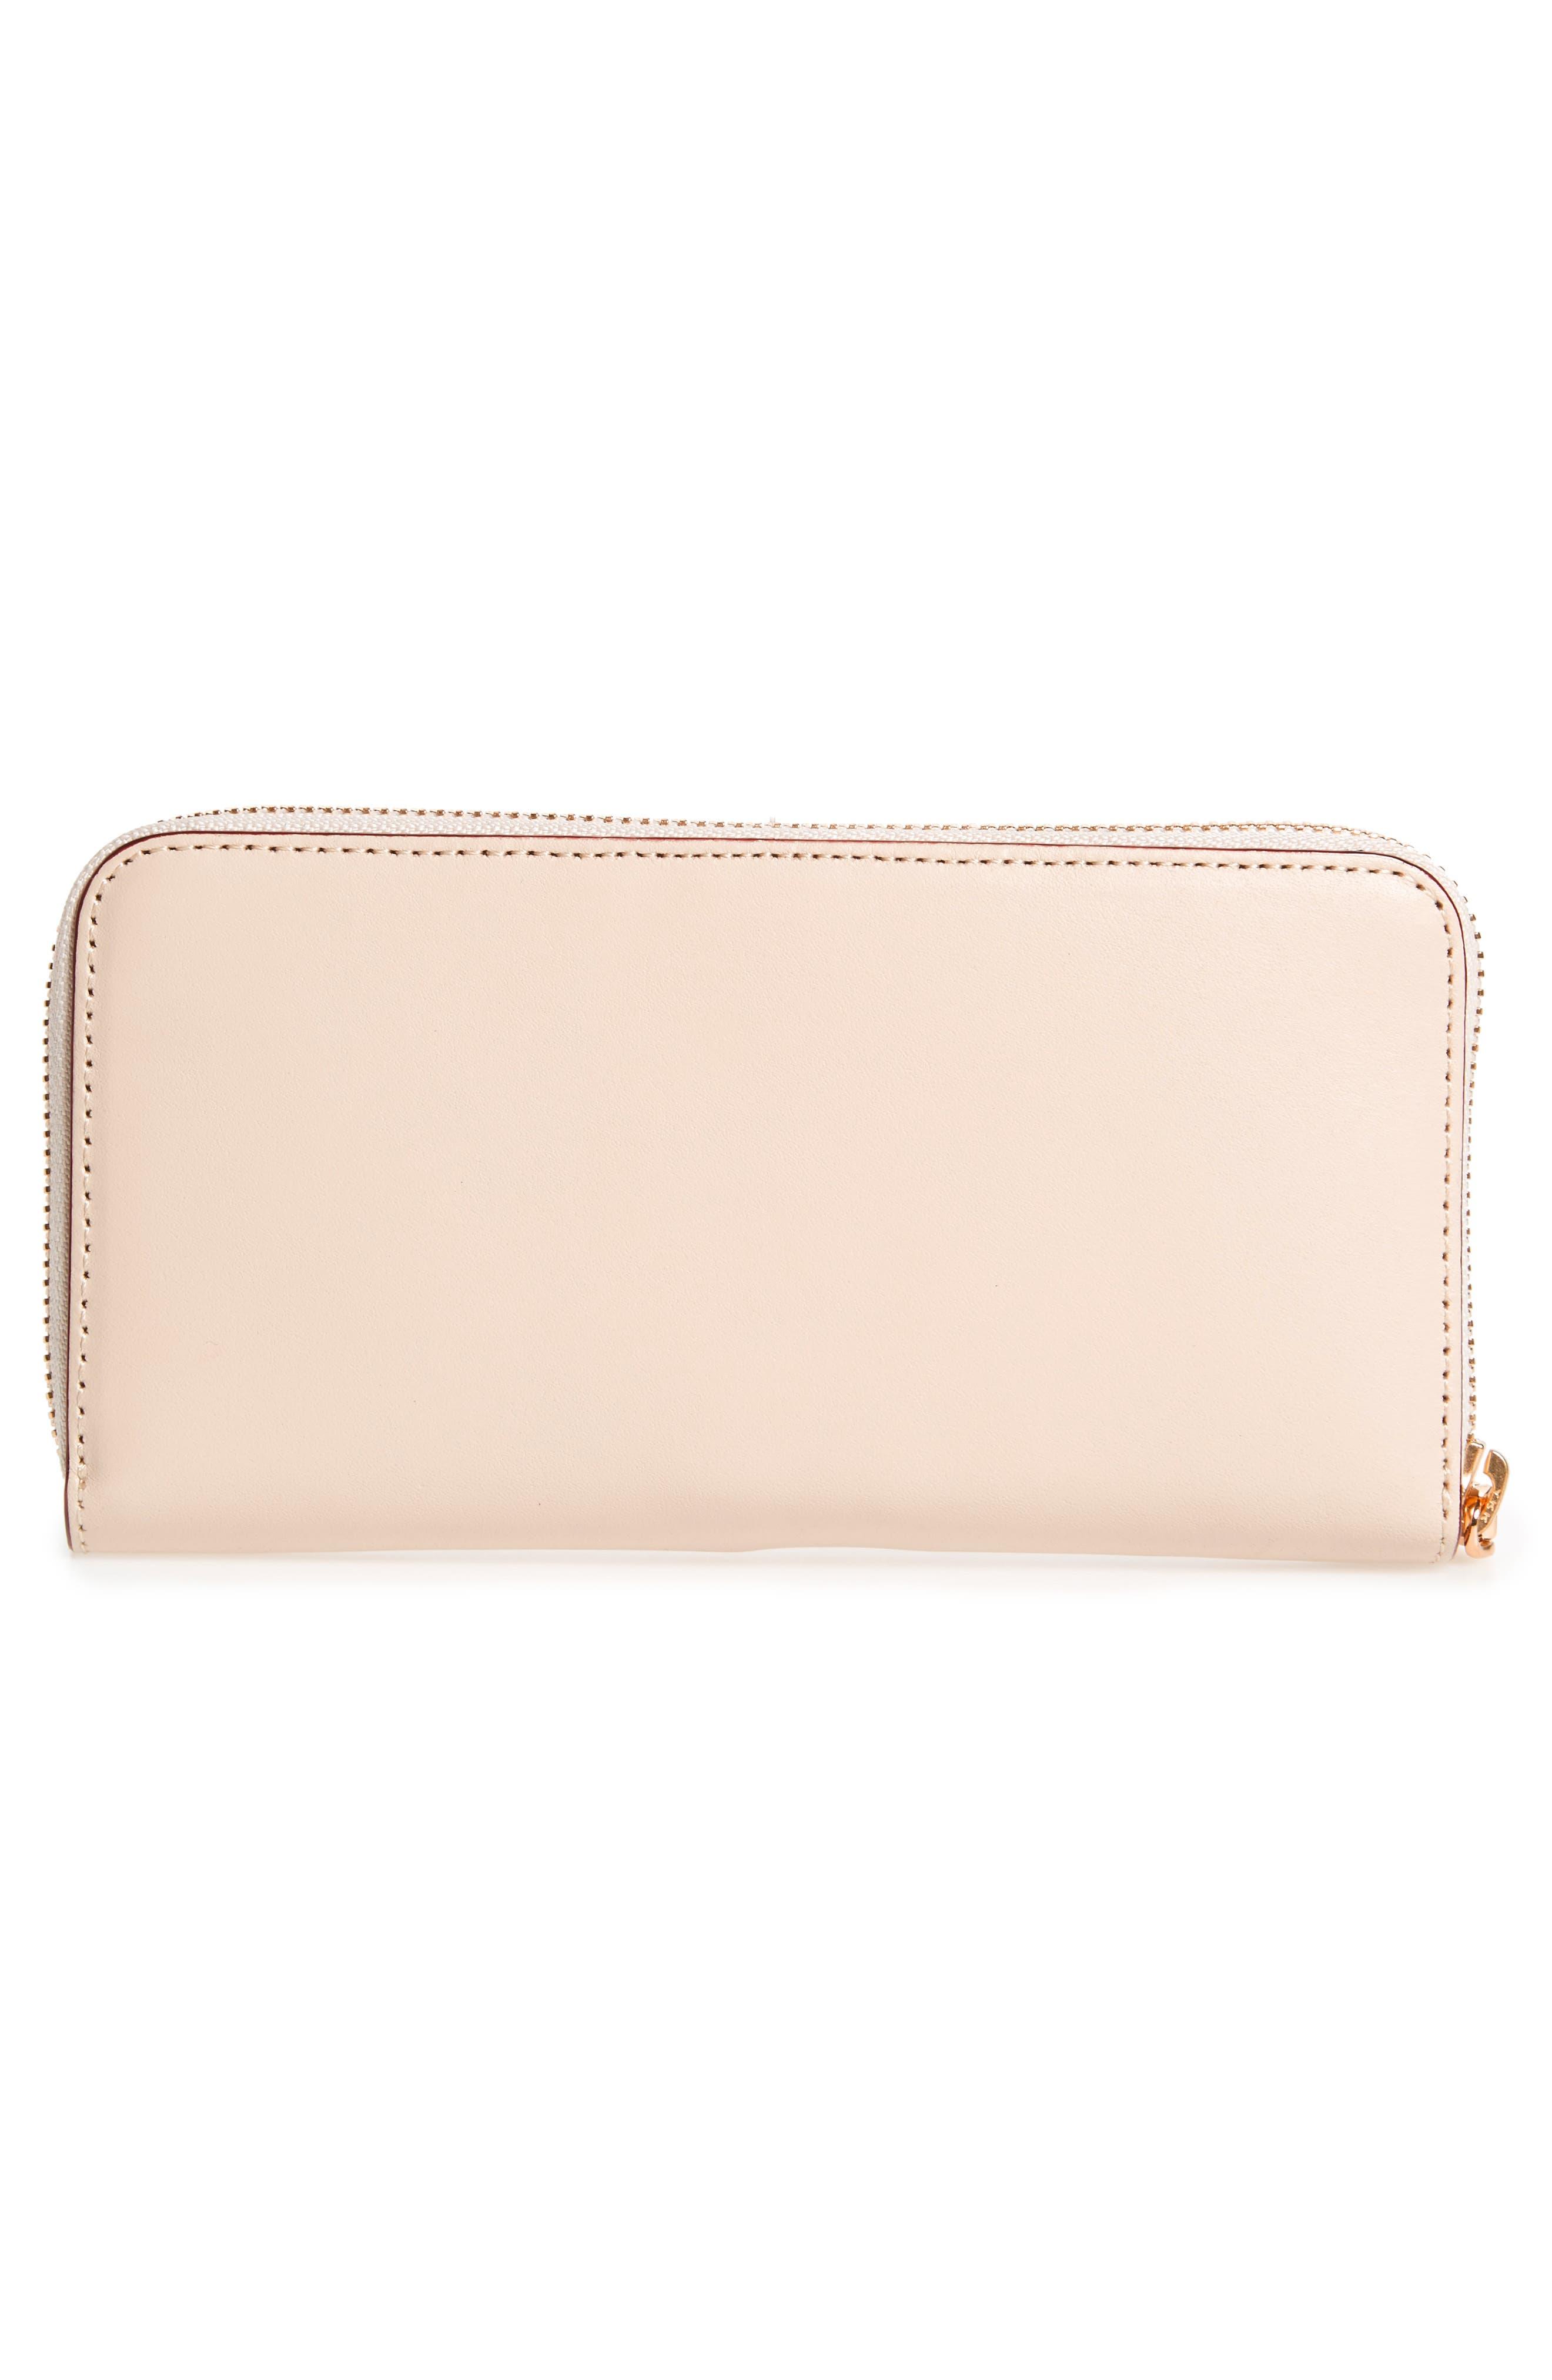 Alternate Image 3  - Frances Valentine Kennedy Calfskin Leather Zip Around Wallet